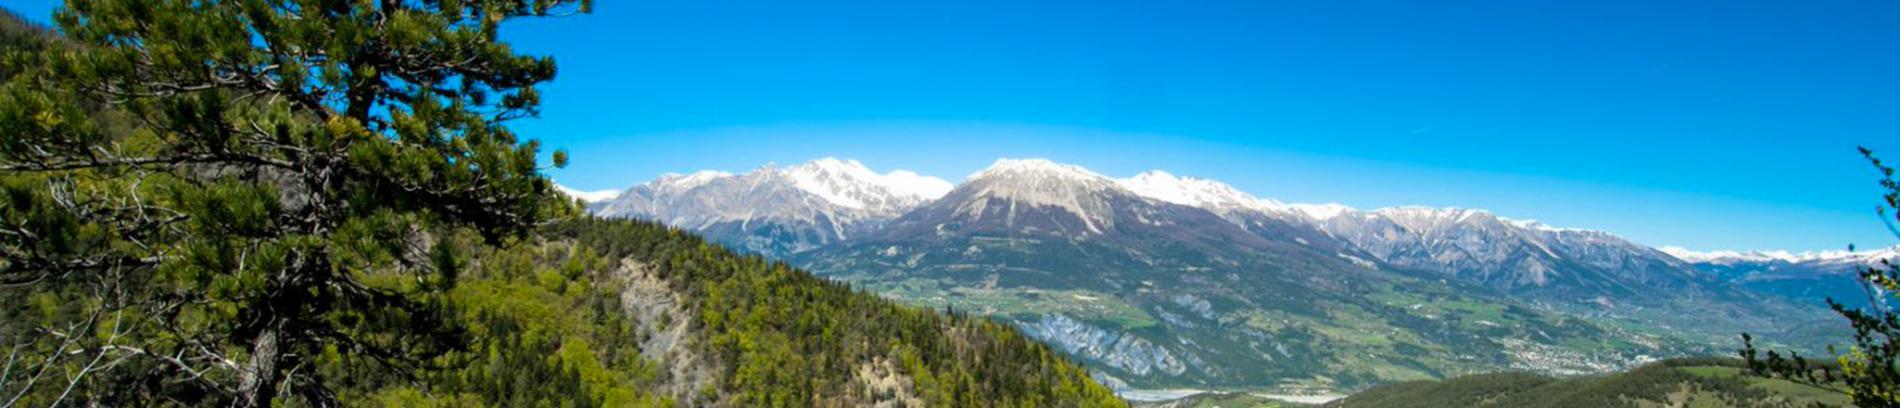 Slide vue sur les sommets